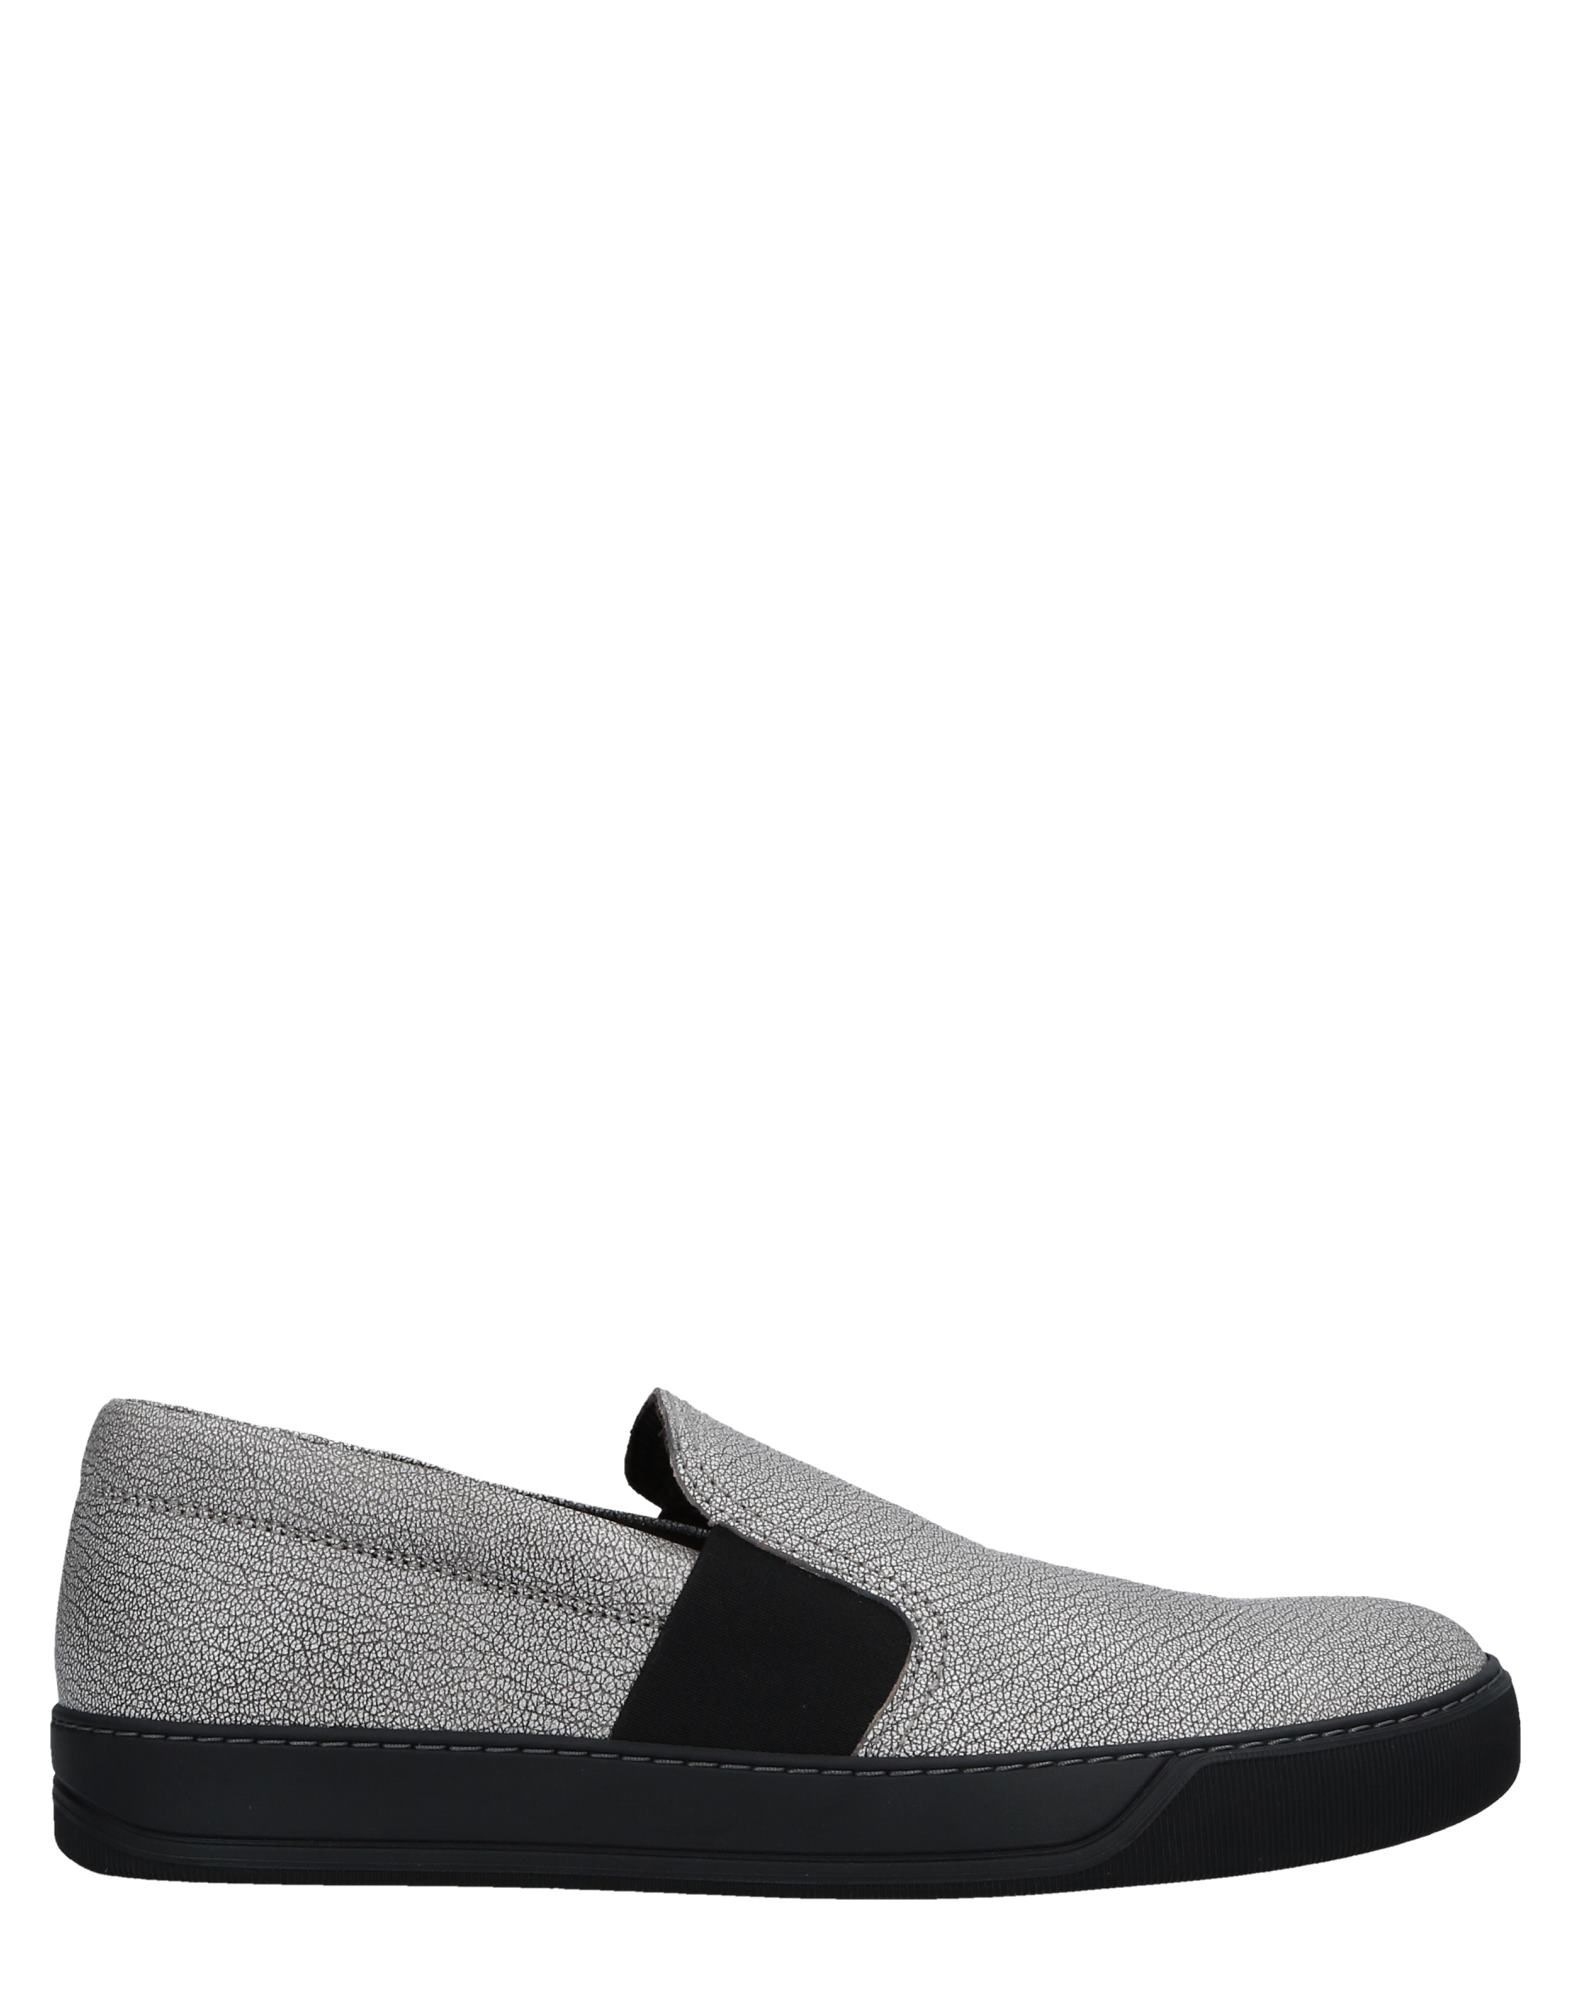 Lanvin Sneakers Herren  11514138LT